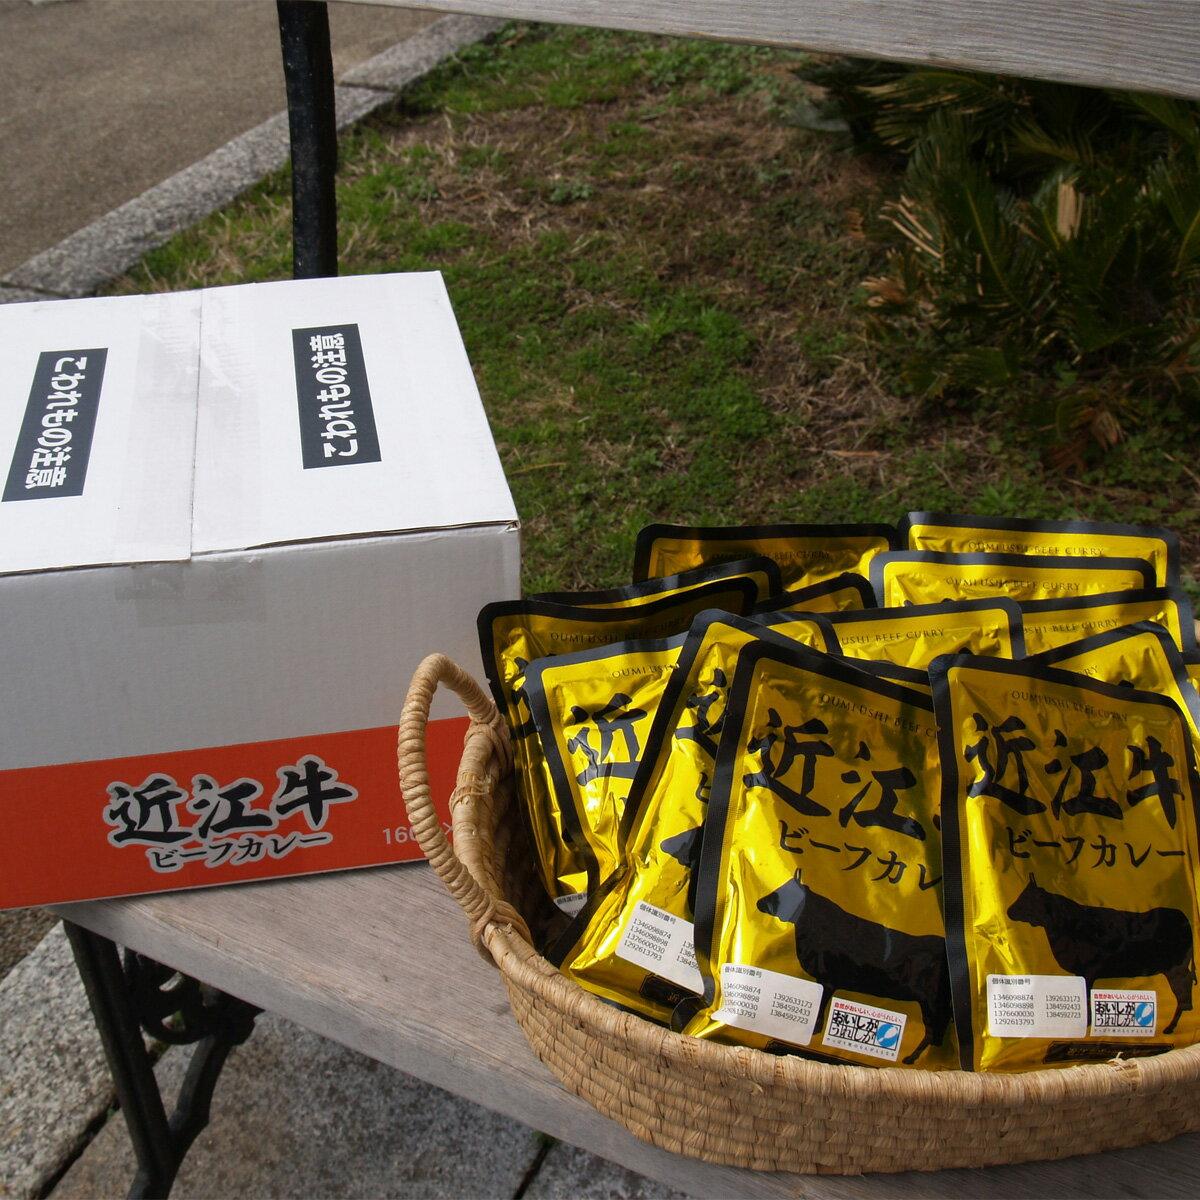 【ふるさと納税】近江牛ビーフカレー 30袋入り※着日指定はできません。